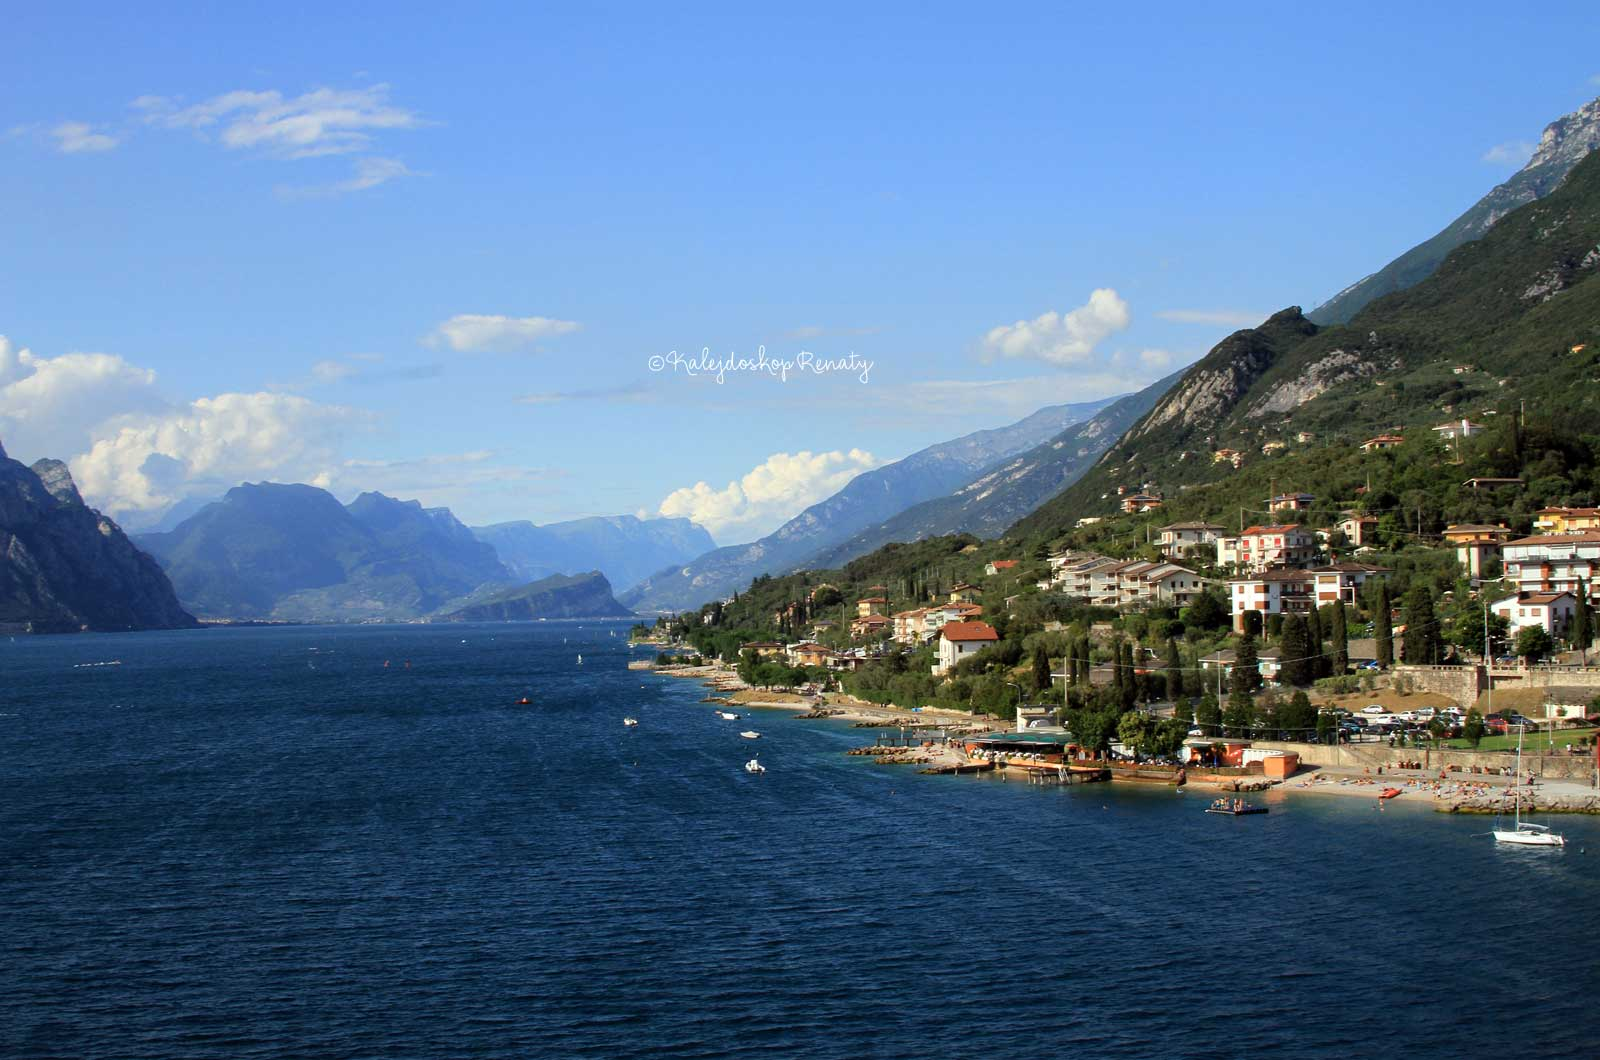 Jak dojechać transportem publicznym nad jezioro Garda? Sprawdź jak najlepiej przemieszczać się pomiędzy miasteczkami. Poznaj dostępne środki transportu publicznego. Co trzeba wiedzieć ? Ile kosztują bilety ?